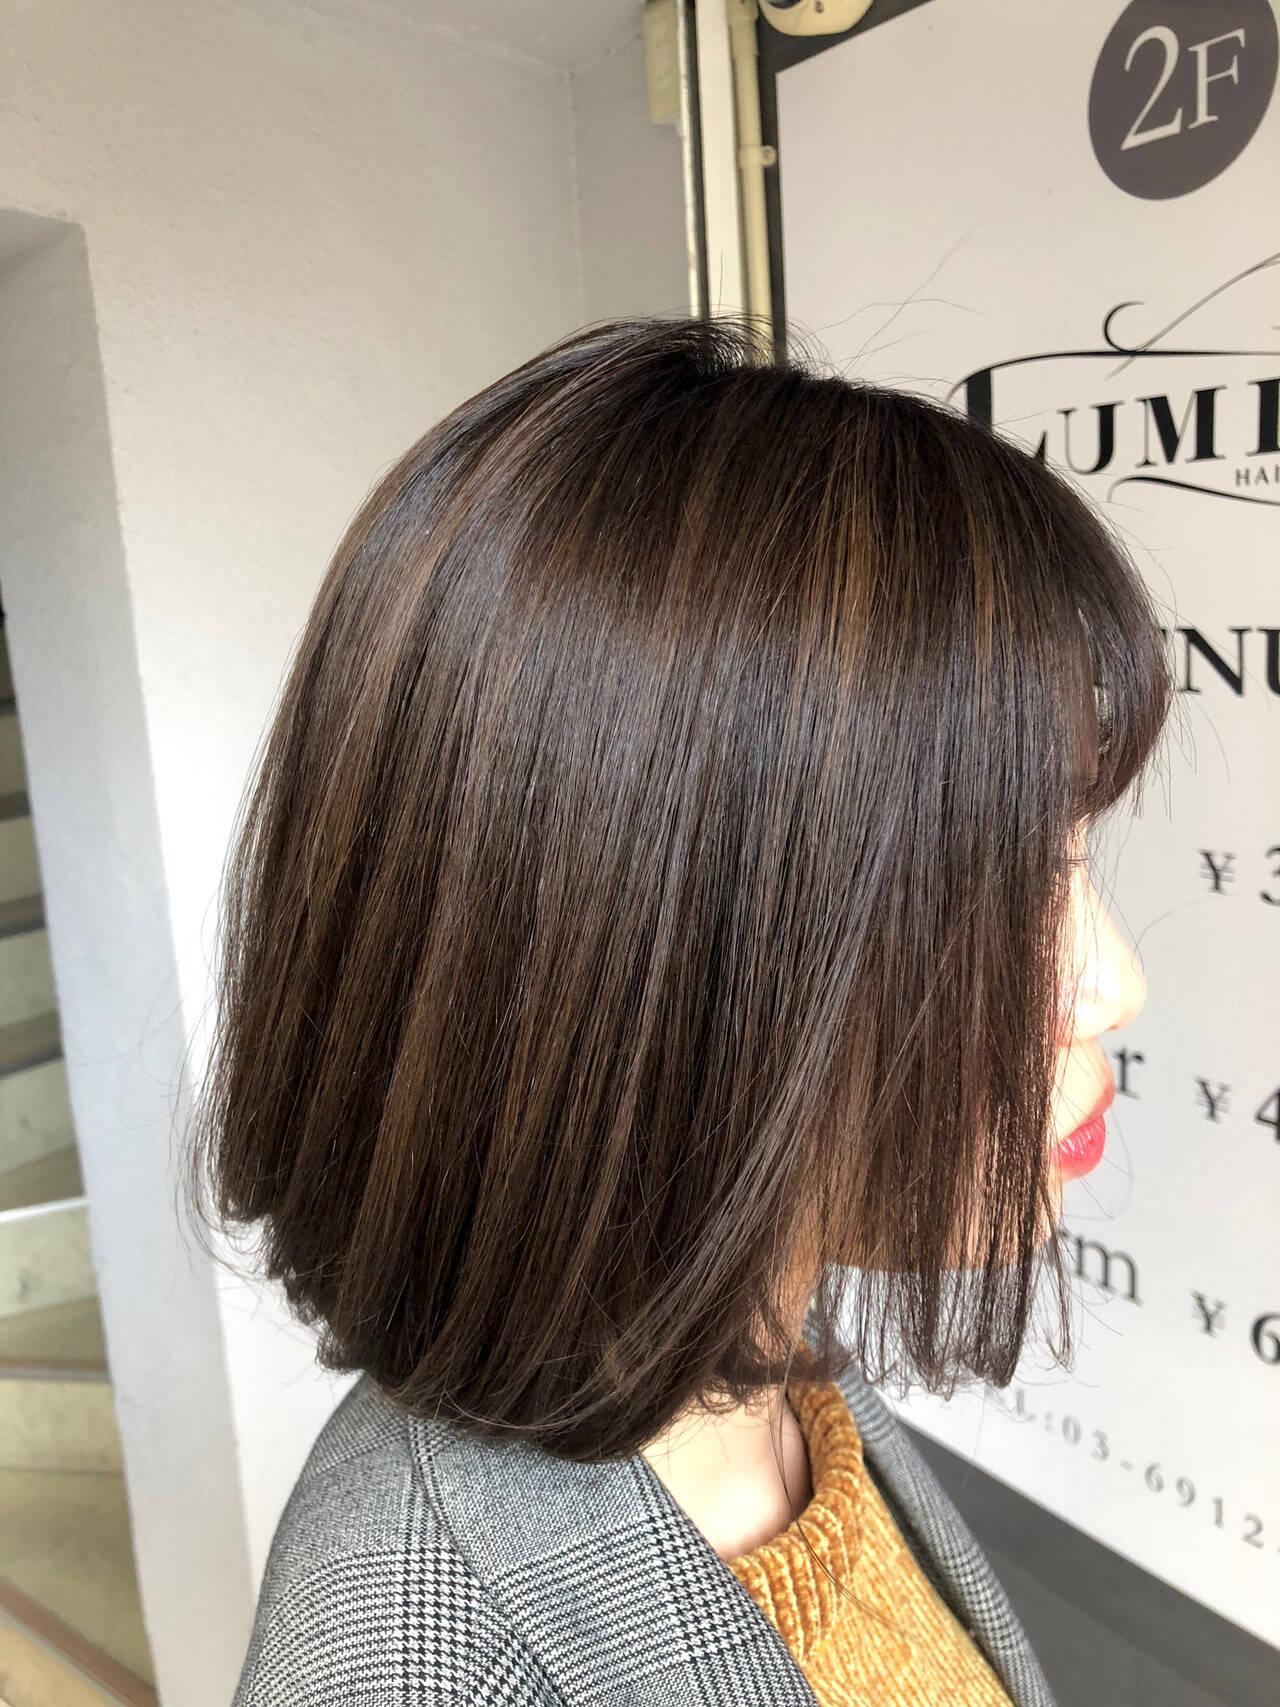 ヘアアレンジ 秋冬スタイル ハイライト オフィスヘアスタイルや髪型の写真・画像